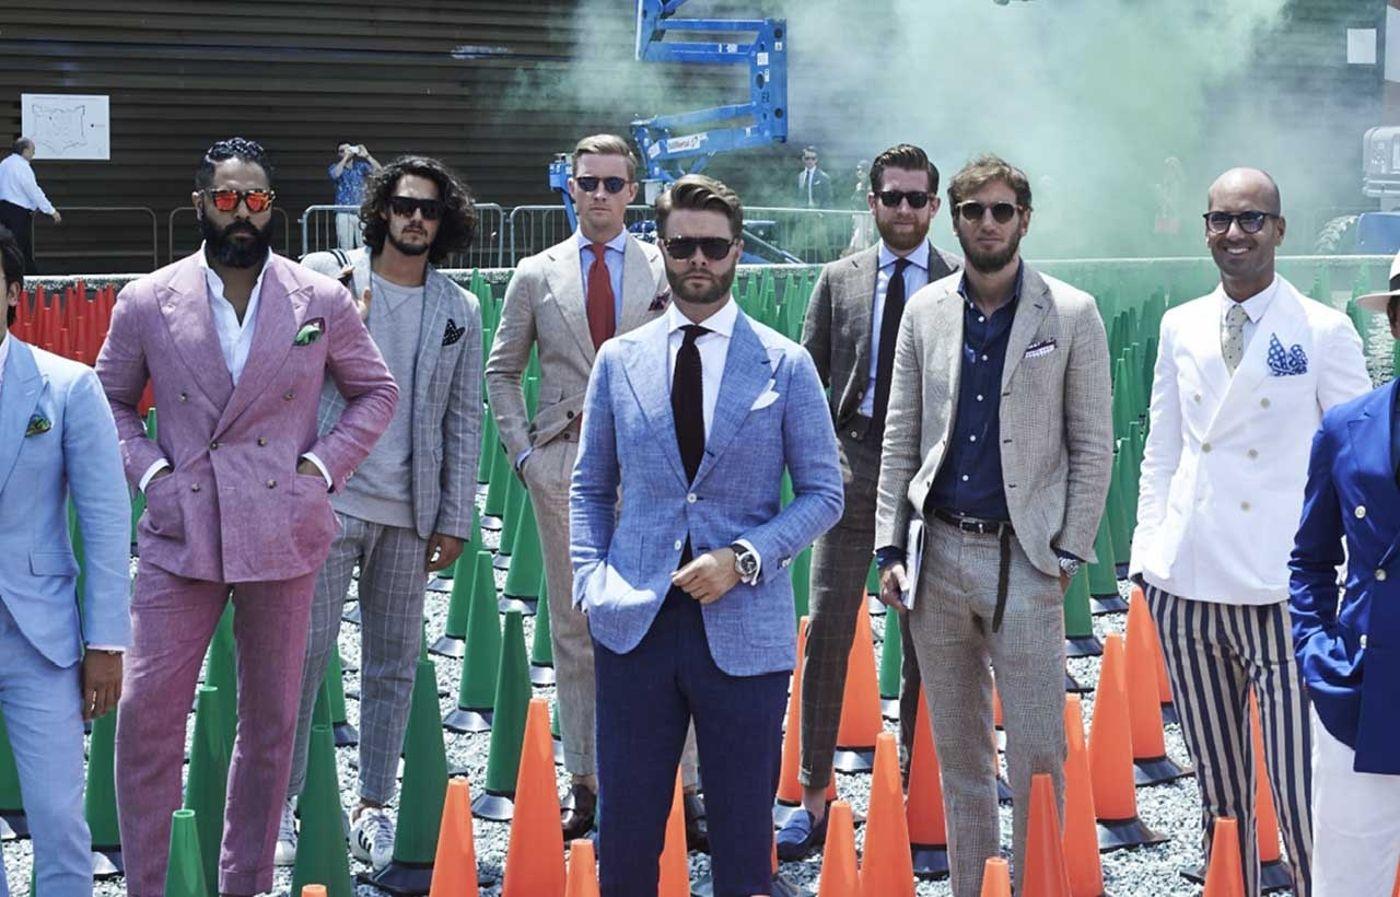 Moda masculina portuguesa em destaque - The Gentleman